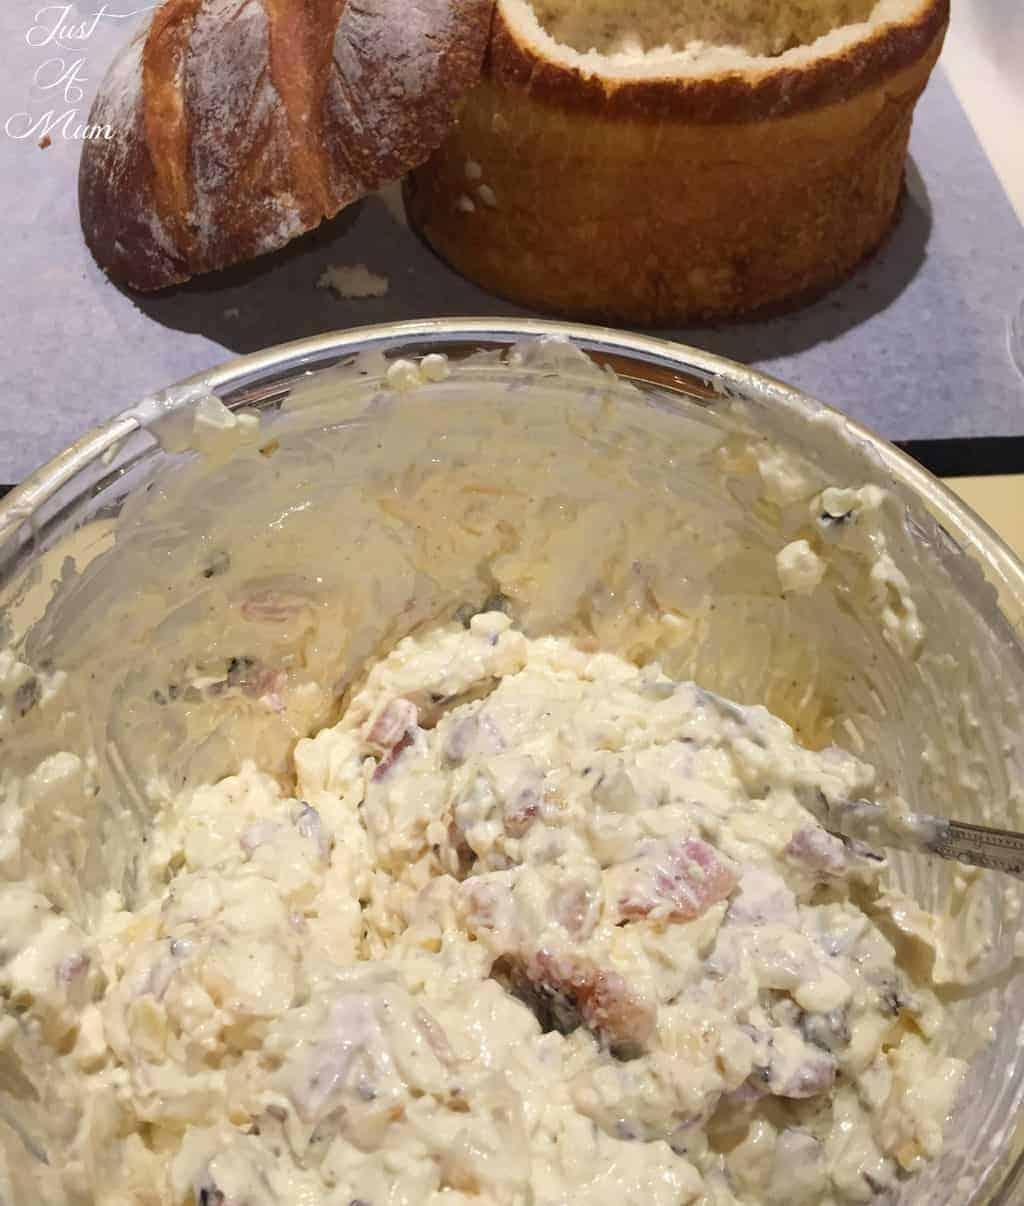 Cheese Loaf Dip - Just A Mum NZ - Dip